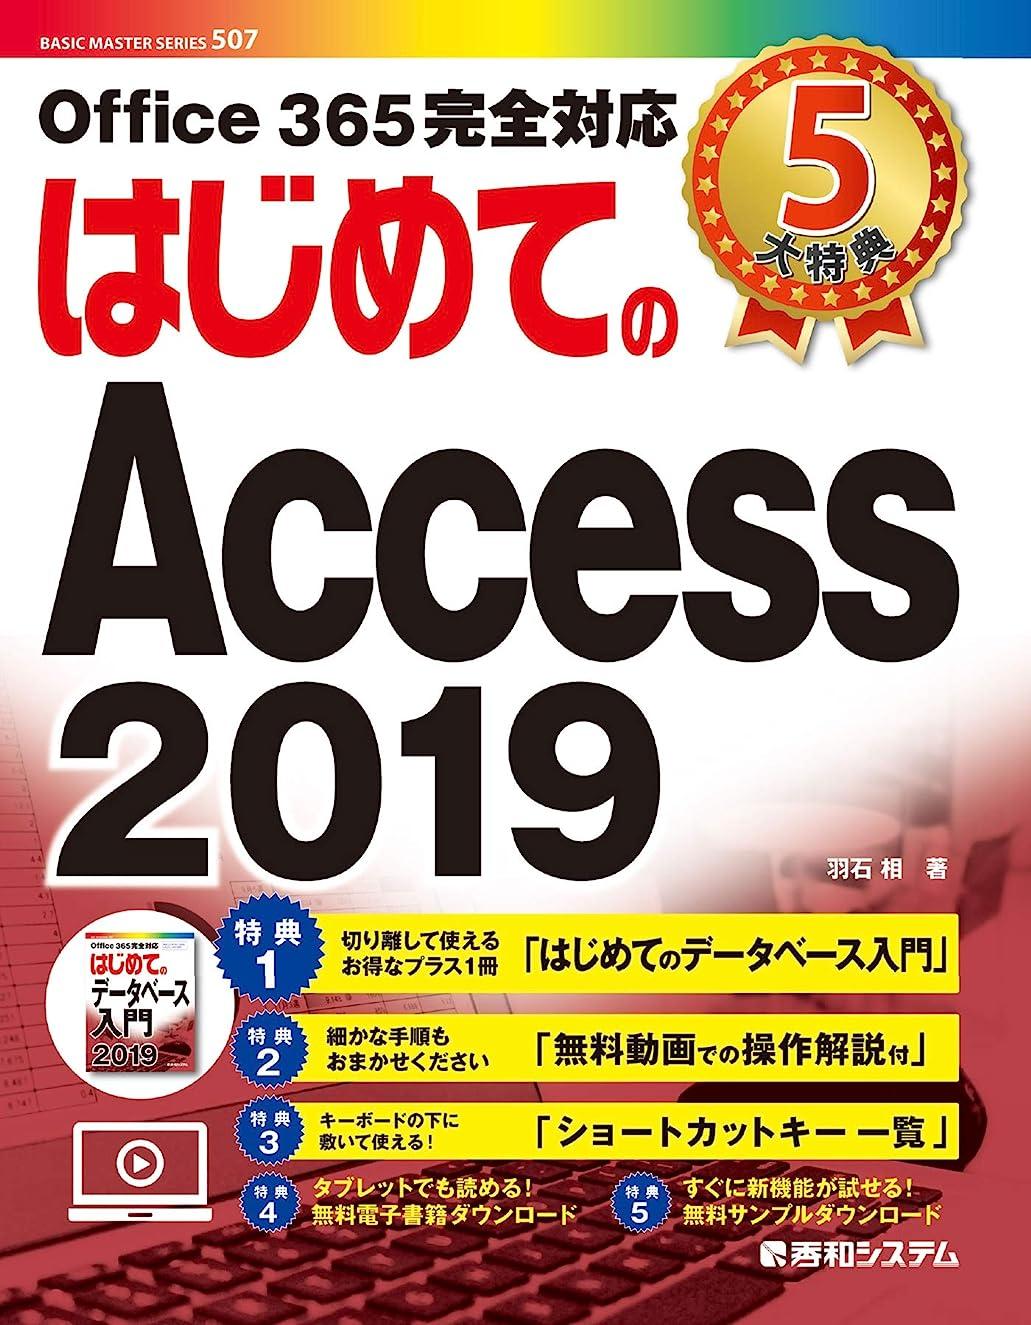 ぎこちない信頼性のあるビジョンはじめてのAccess 2019